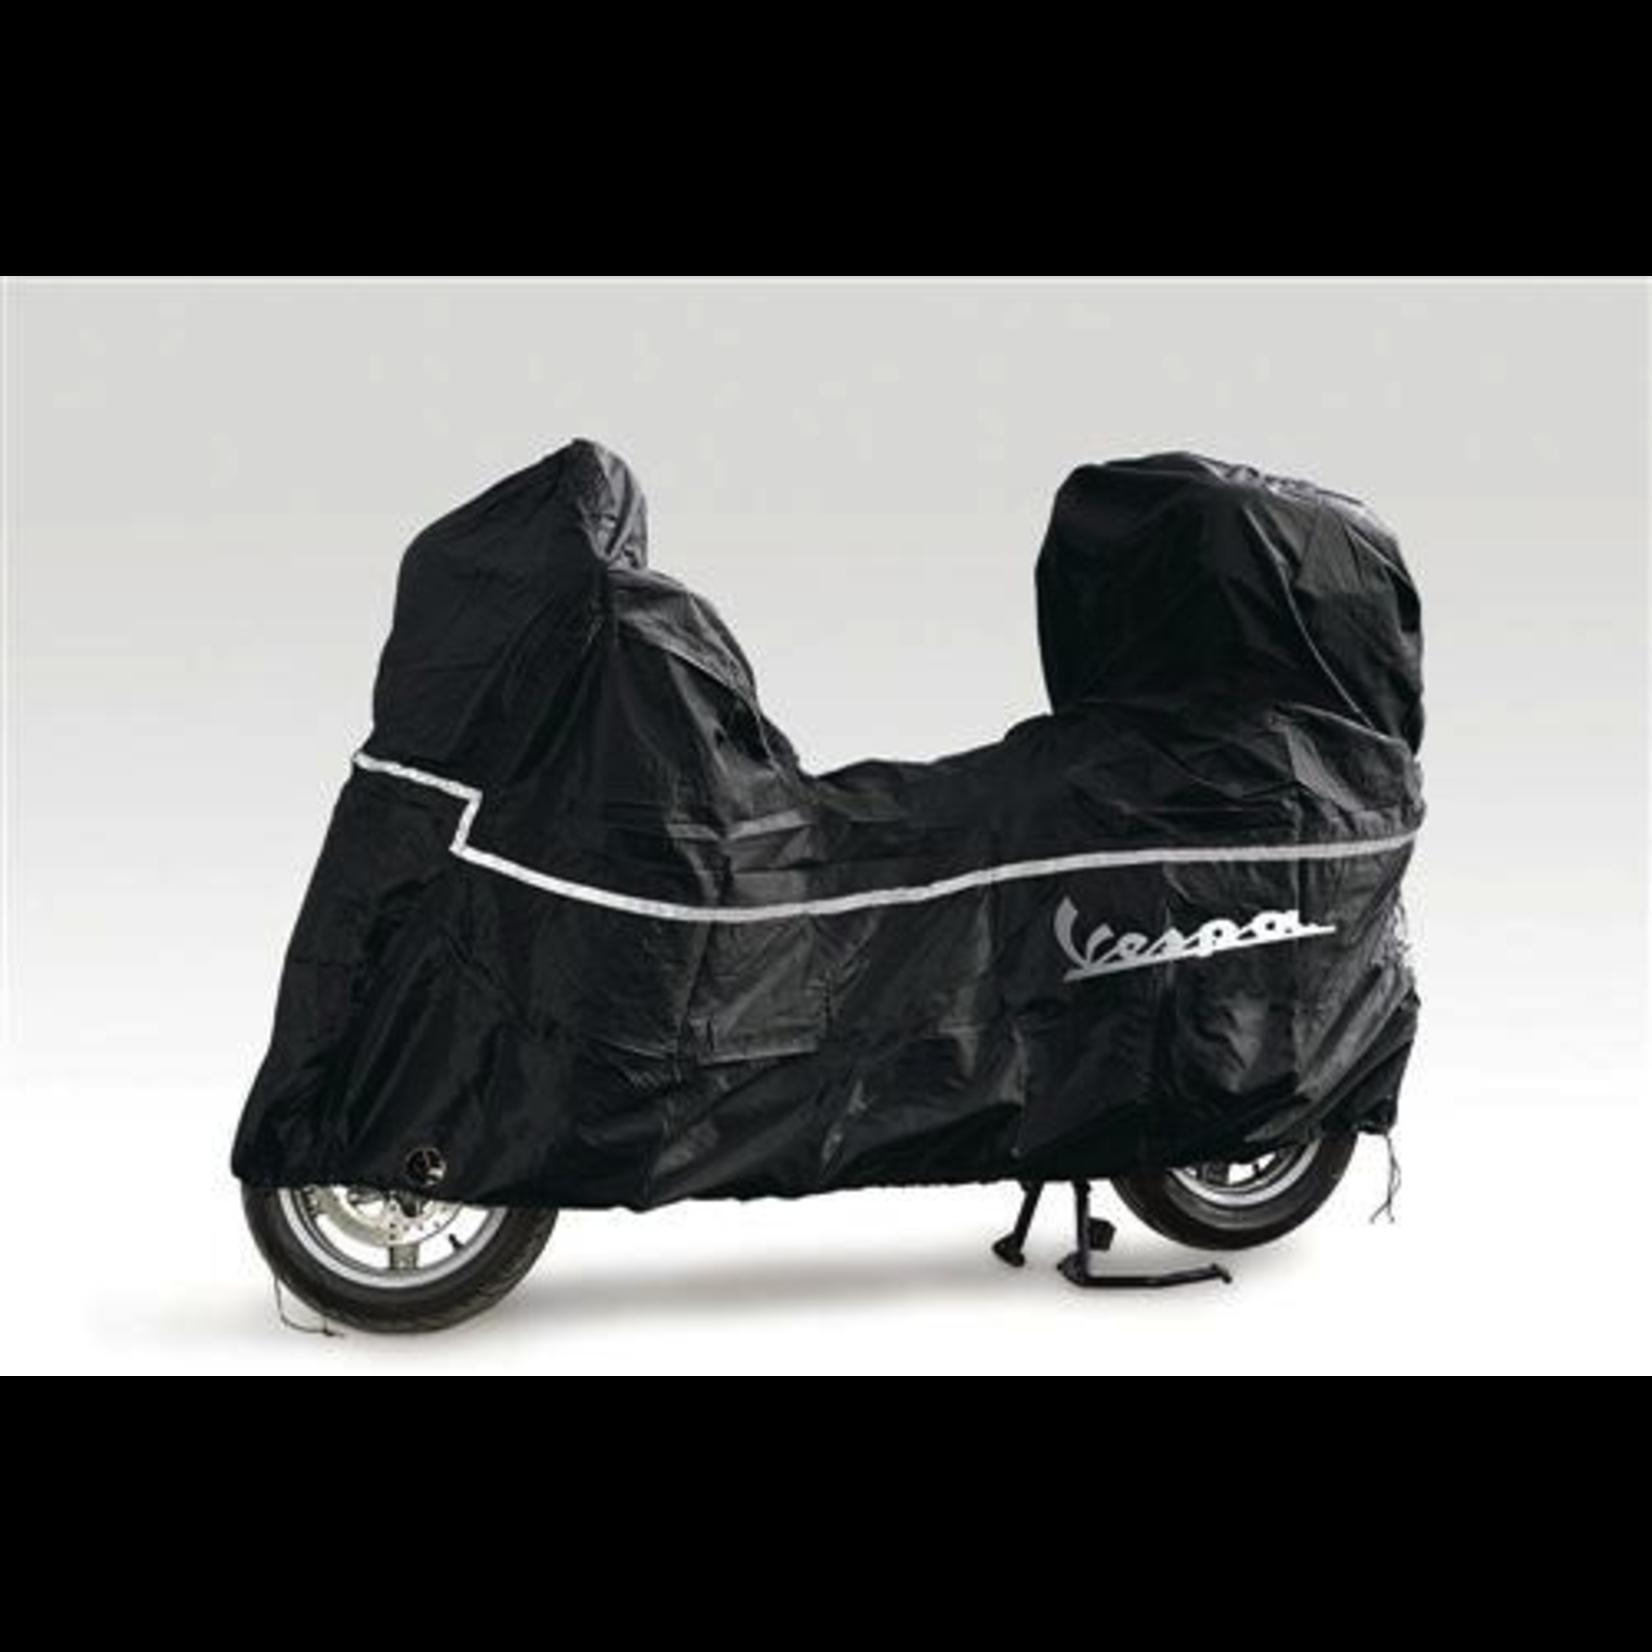 Accessories Vehicle Cover, Vespa 150cc